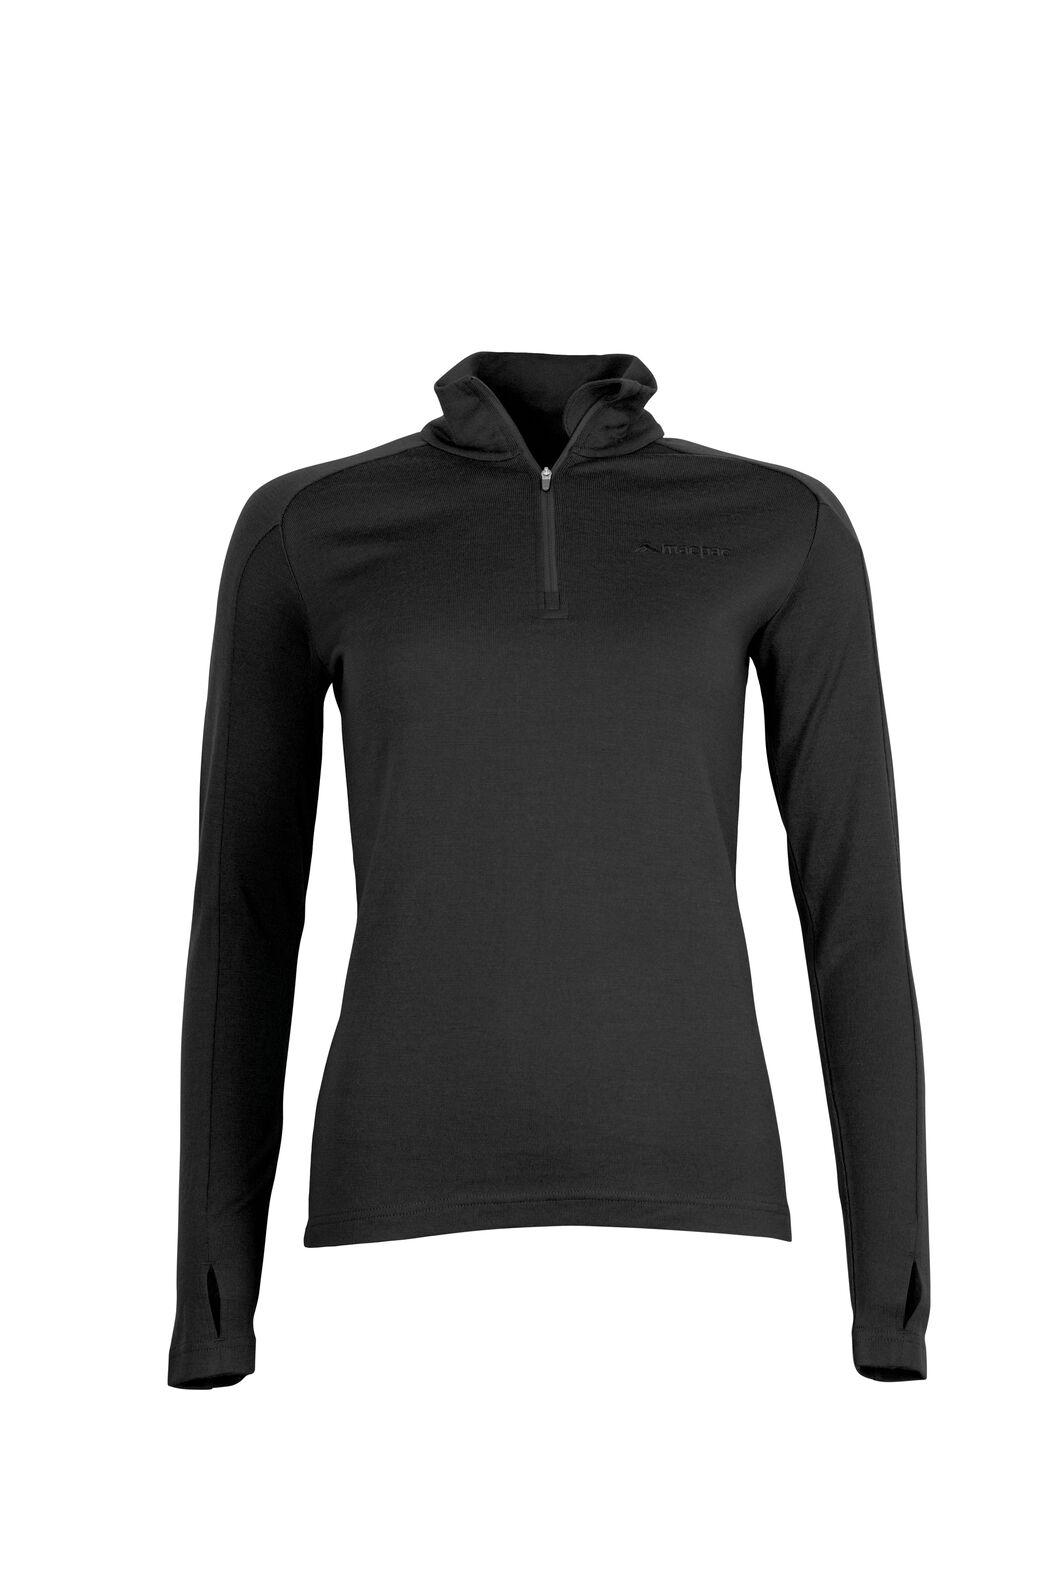 Macpac Kauri 280 Merino Pullover — Women's, Black, hi-res